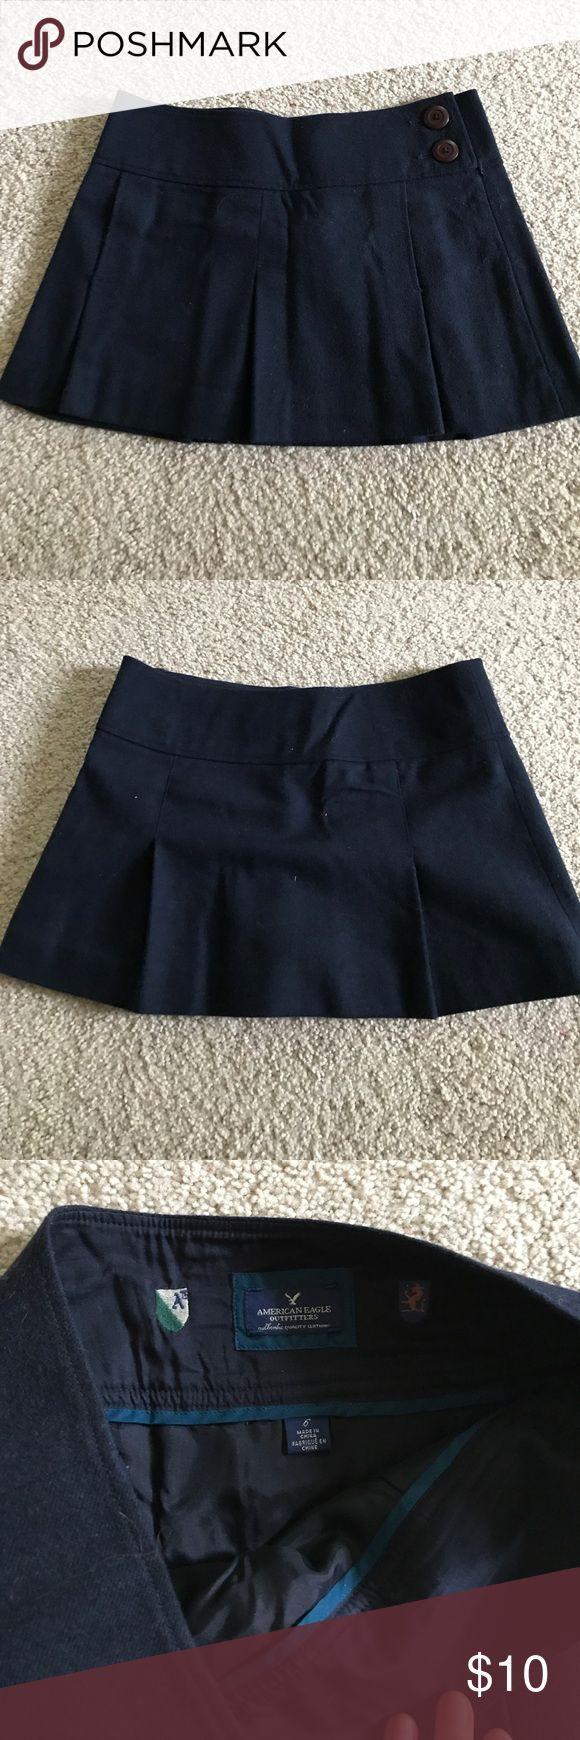 Navy American Eagle Wool Schoolgirl Skirt Navy wool skirt. Never worn! Super mini and cute. Has pockets! American Eagle Outfitters Skirts Mini